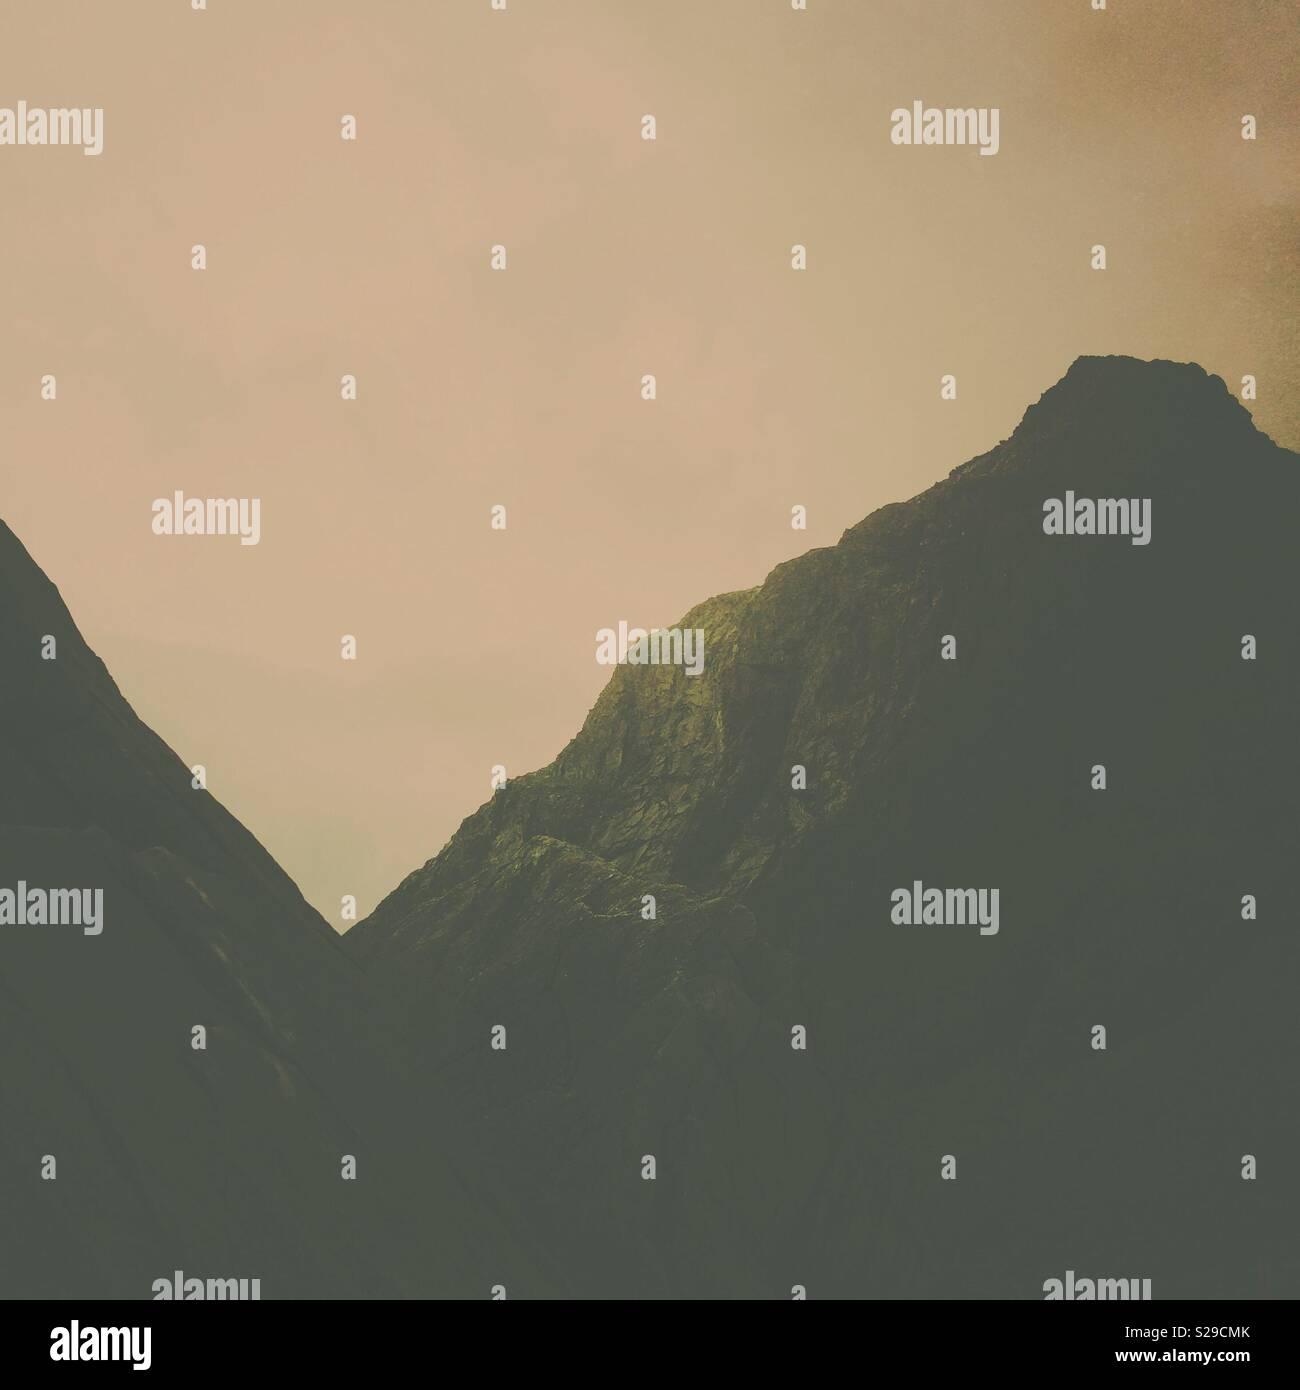 Il minimo astratto paesaggio di montagna dettaglio Immagini Stock